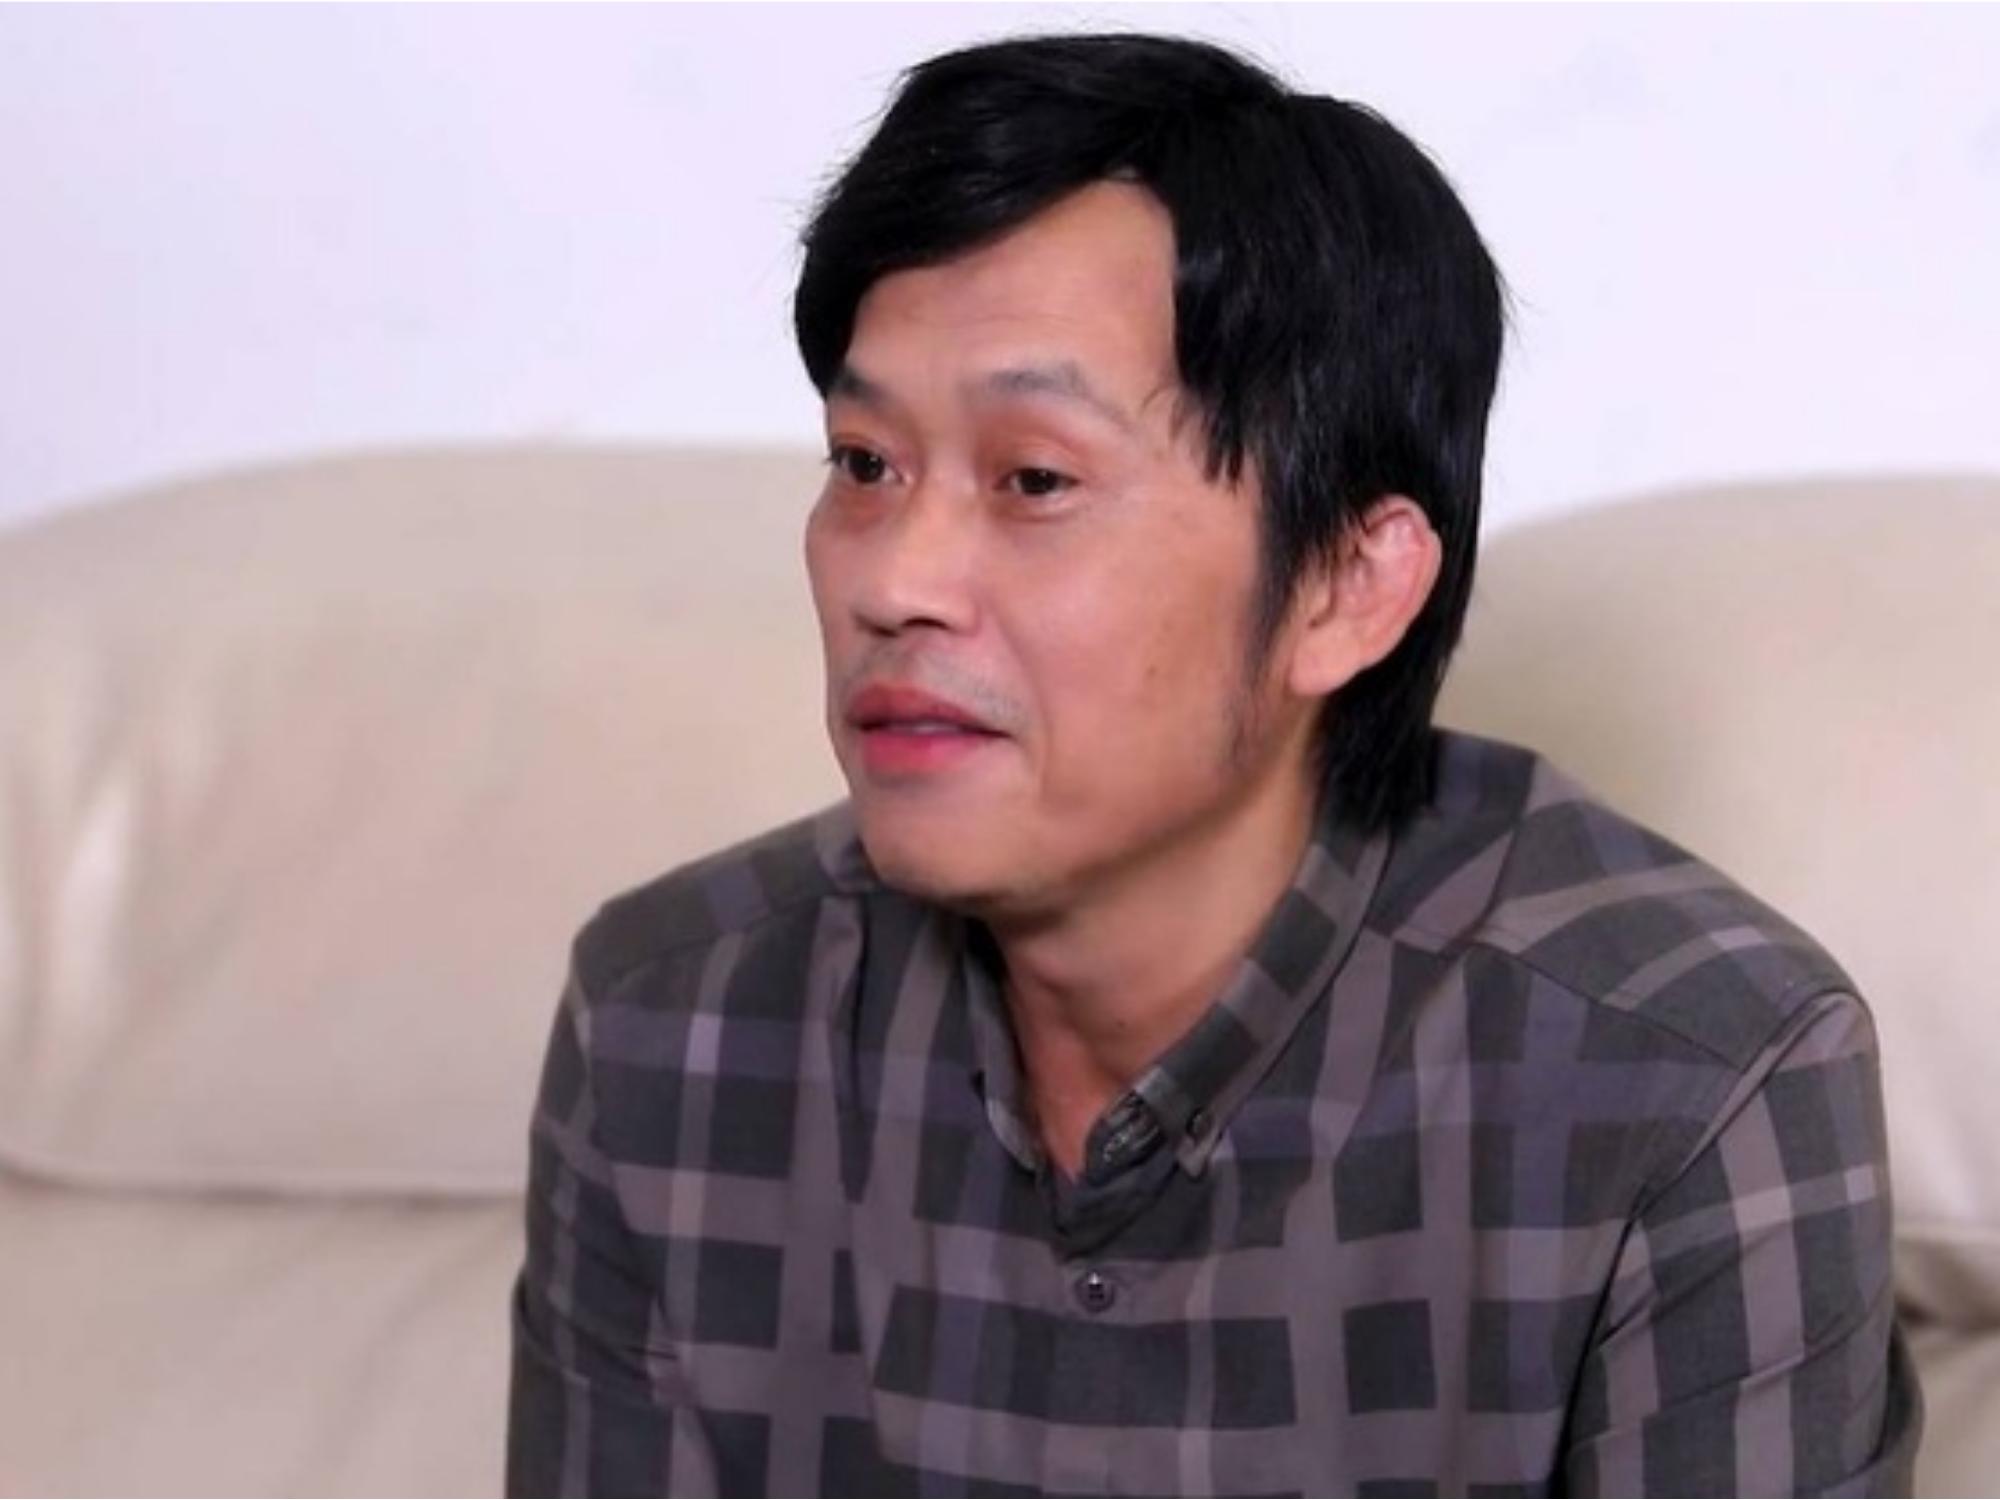 Quảng Nam đã có phản hồi việc nghệ sĩ Hoài Linh làm từ thiện ở địa phương